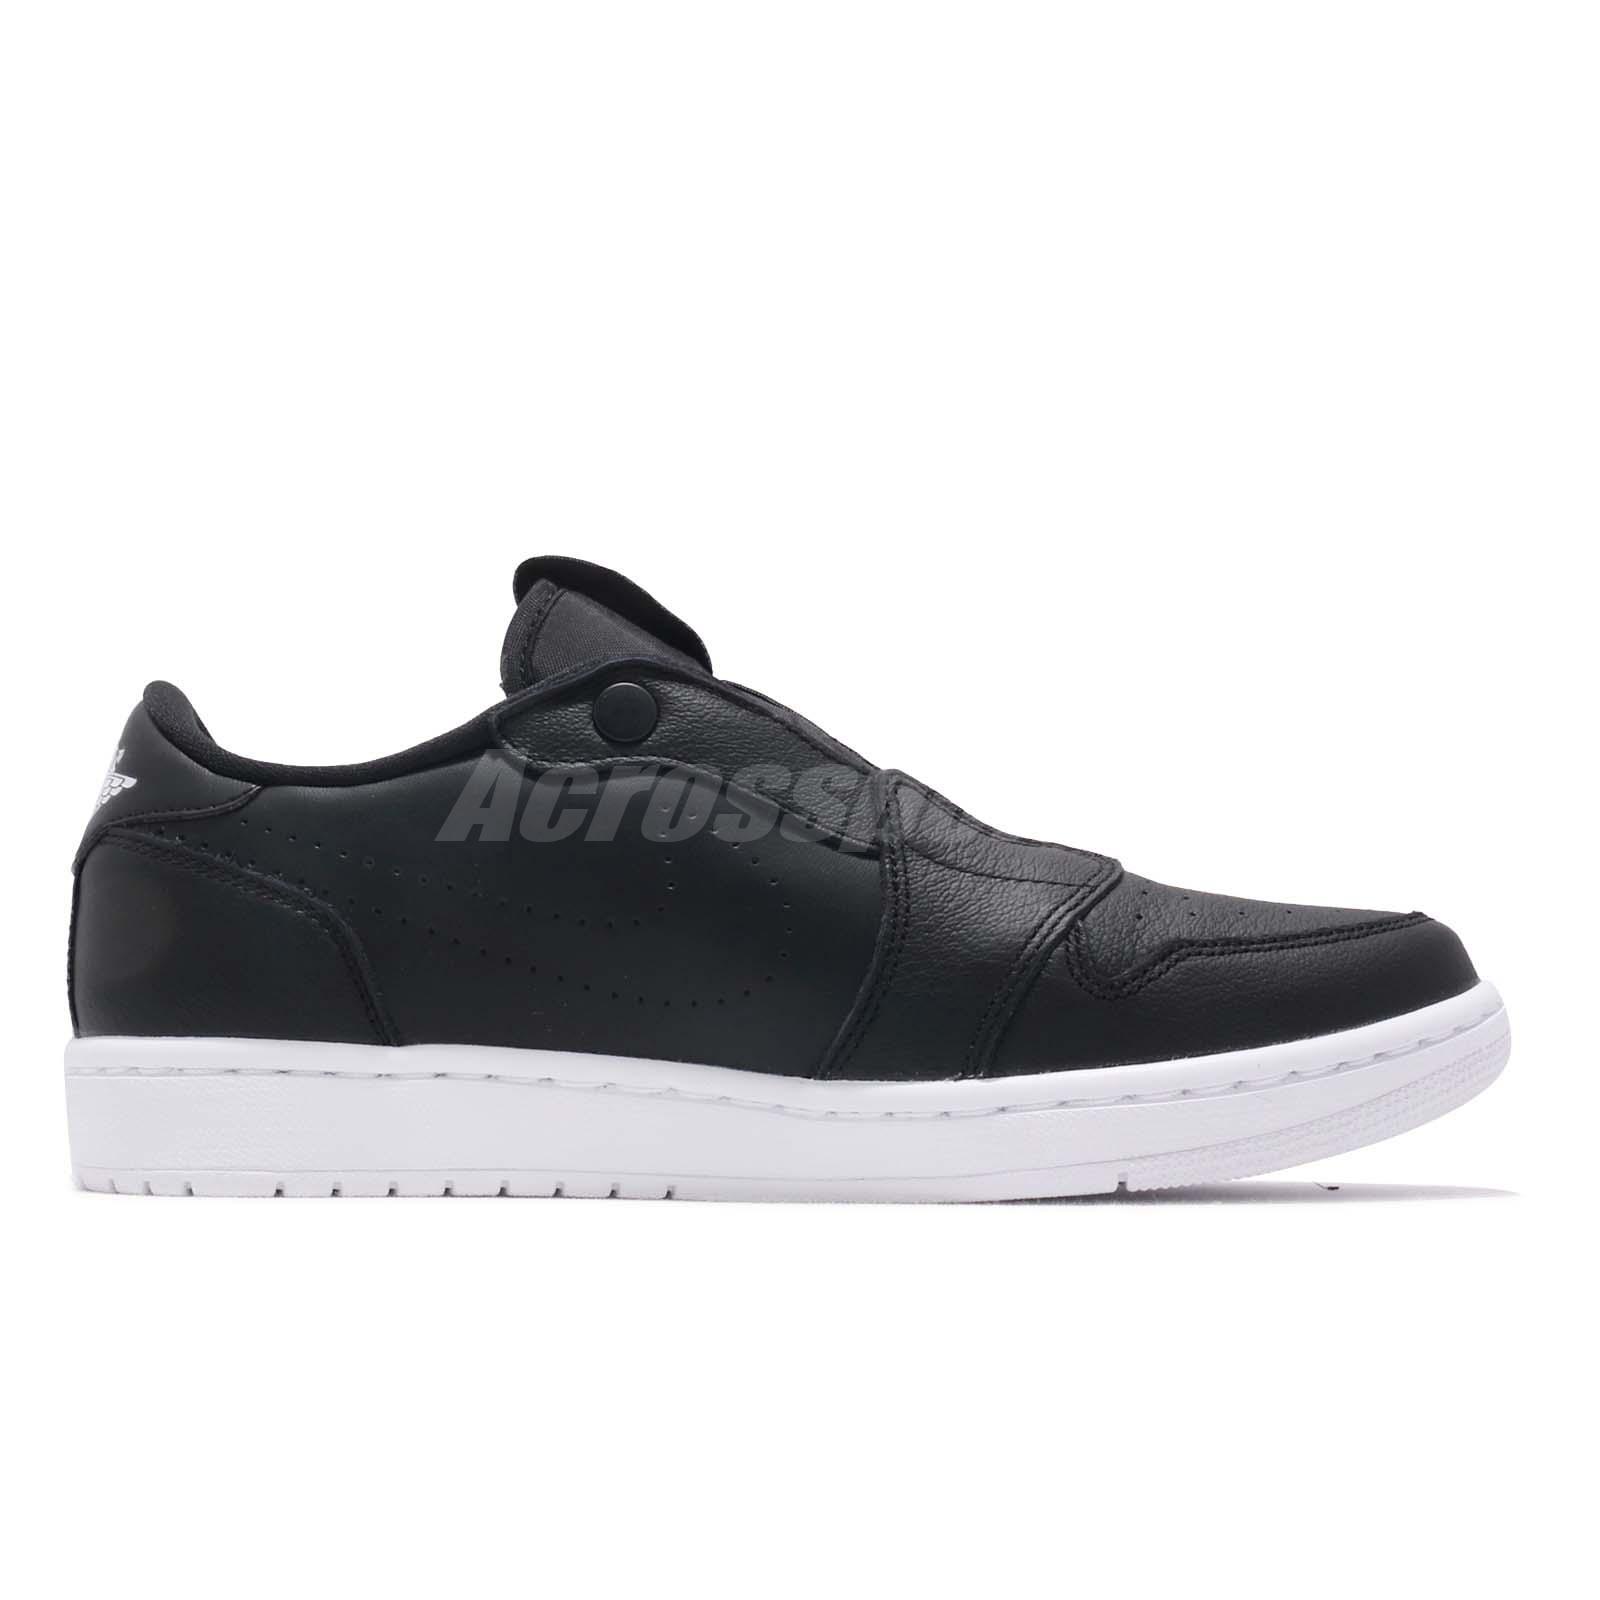 d86b68f8a7b Nike Wmns Air Jordan 1 RET Low Slip On I AJ1 Black White Women Shoes ...